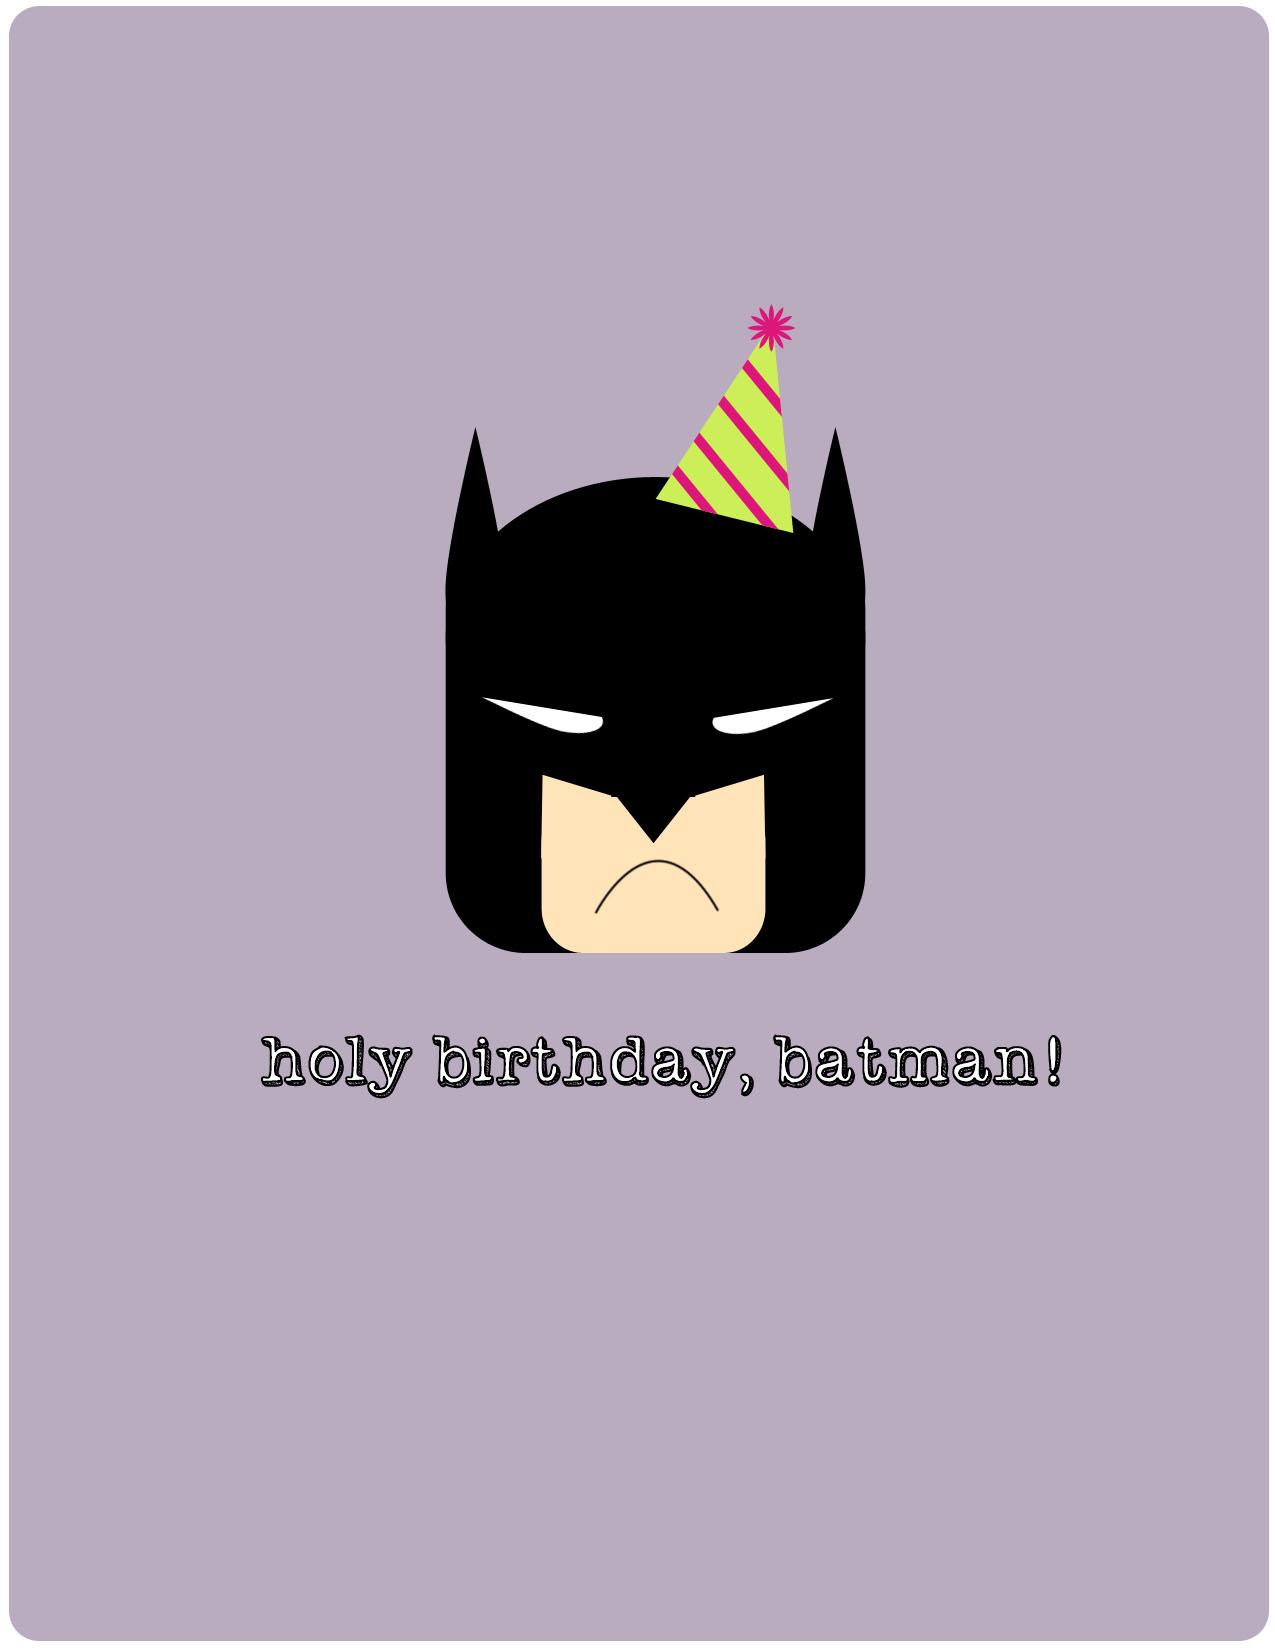 открытки с бэтманом регулярно попадает